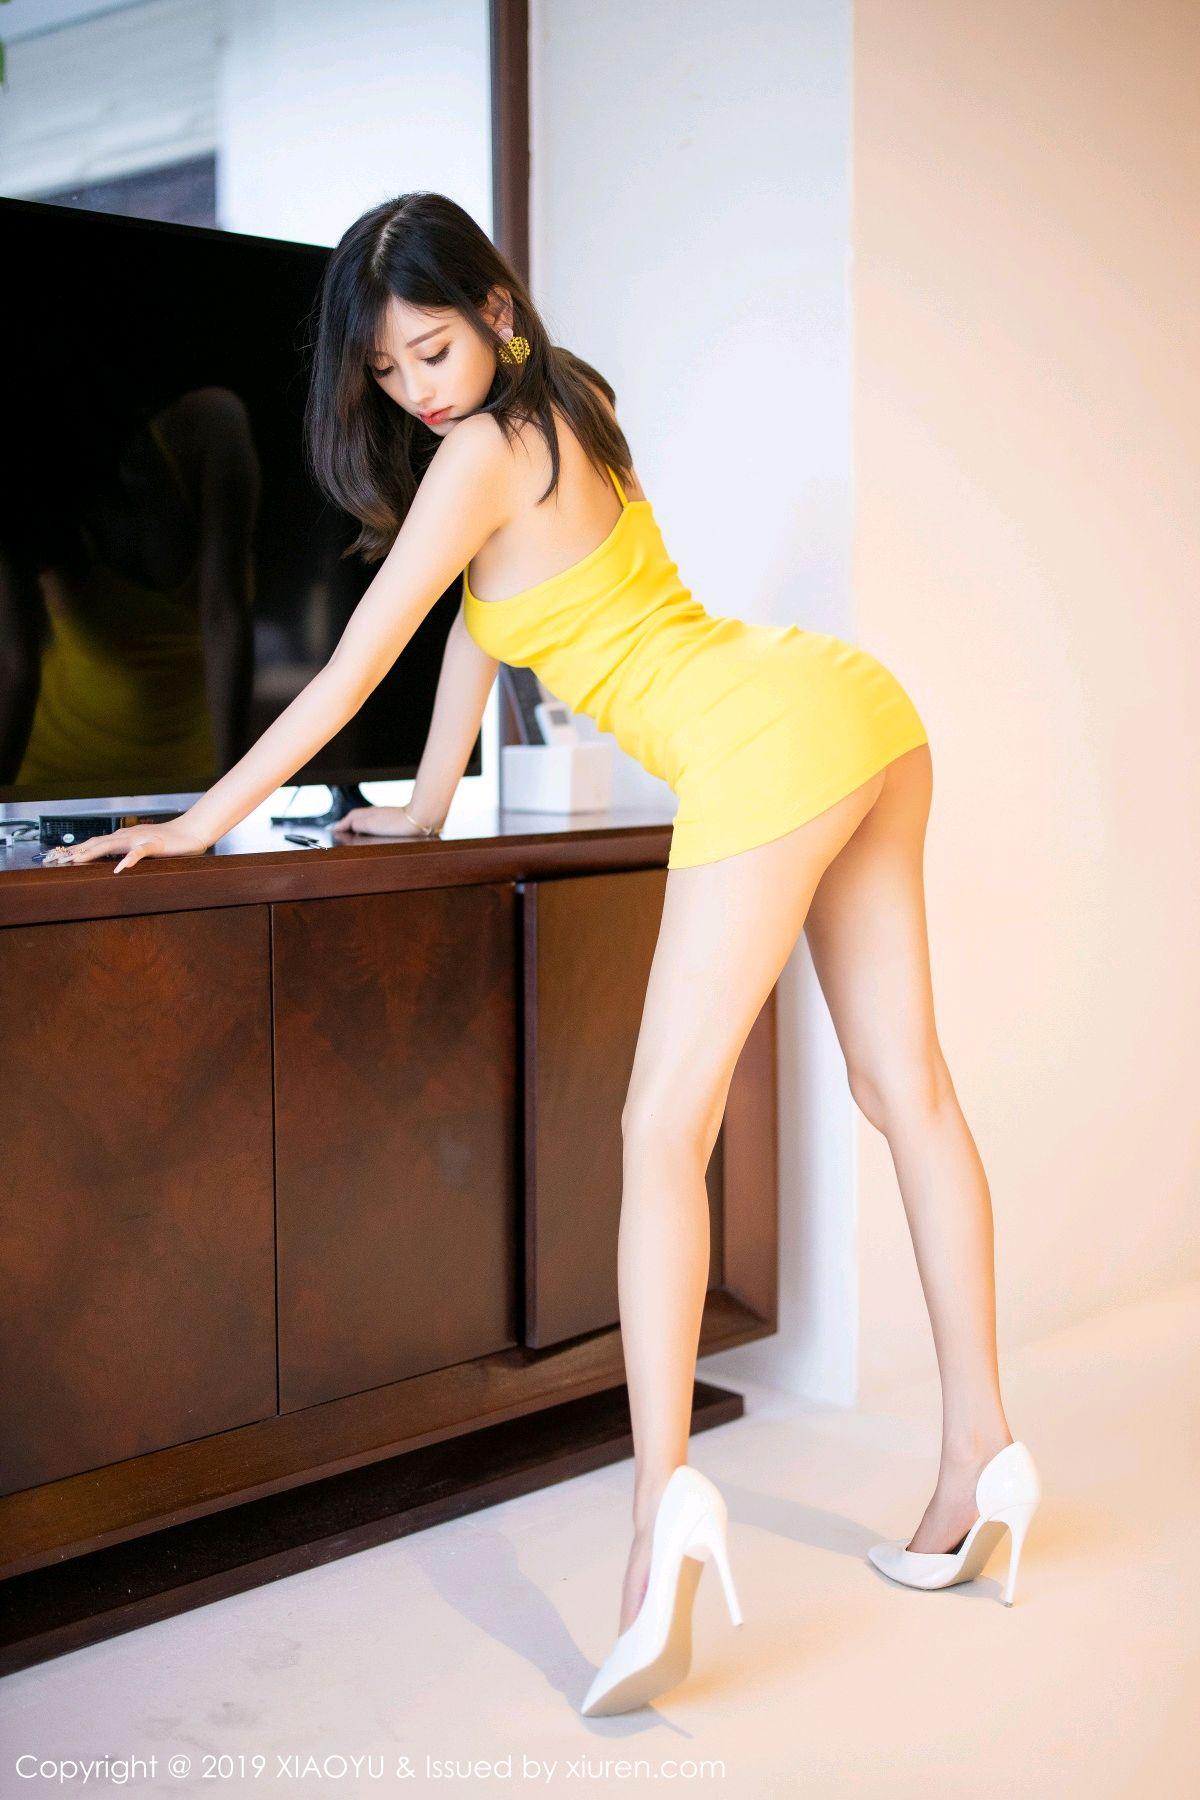 [XiaoYu] VOL.204 Yang Chen Chen 22P, Pure, XiaoYu, Yang Chen Chen